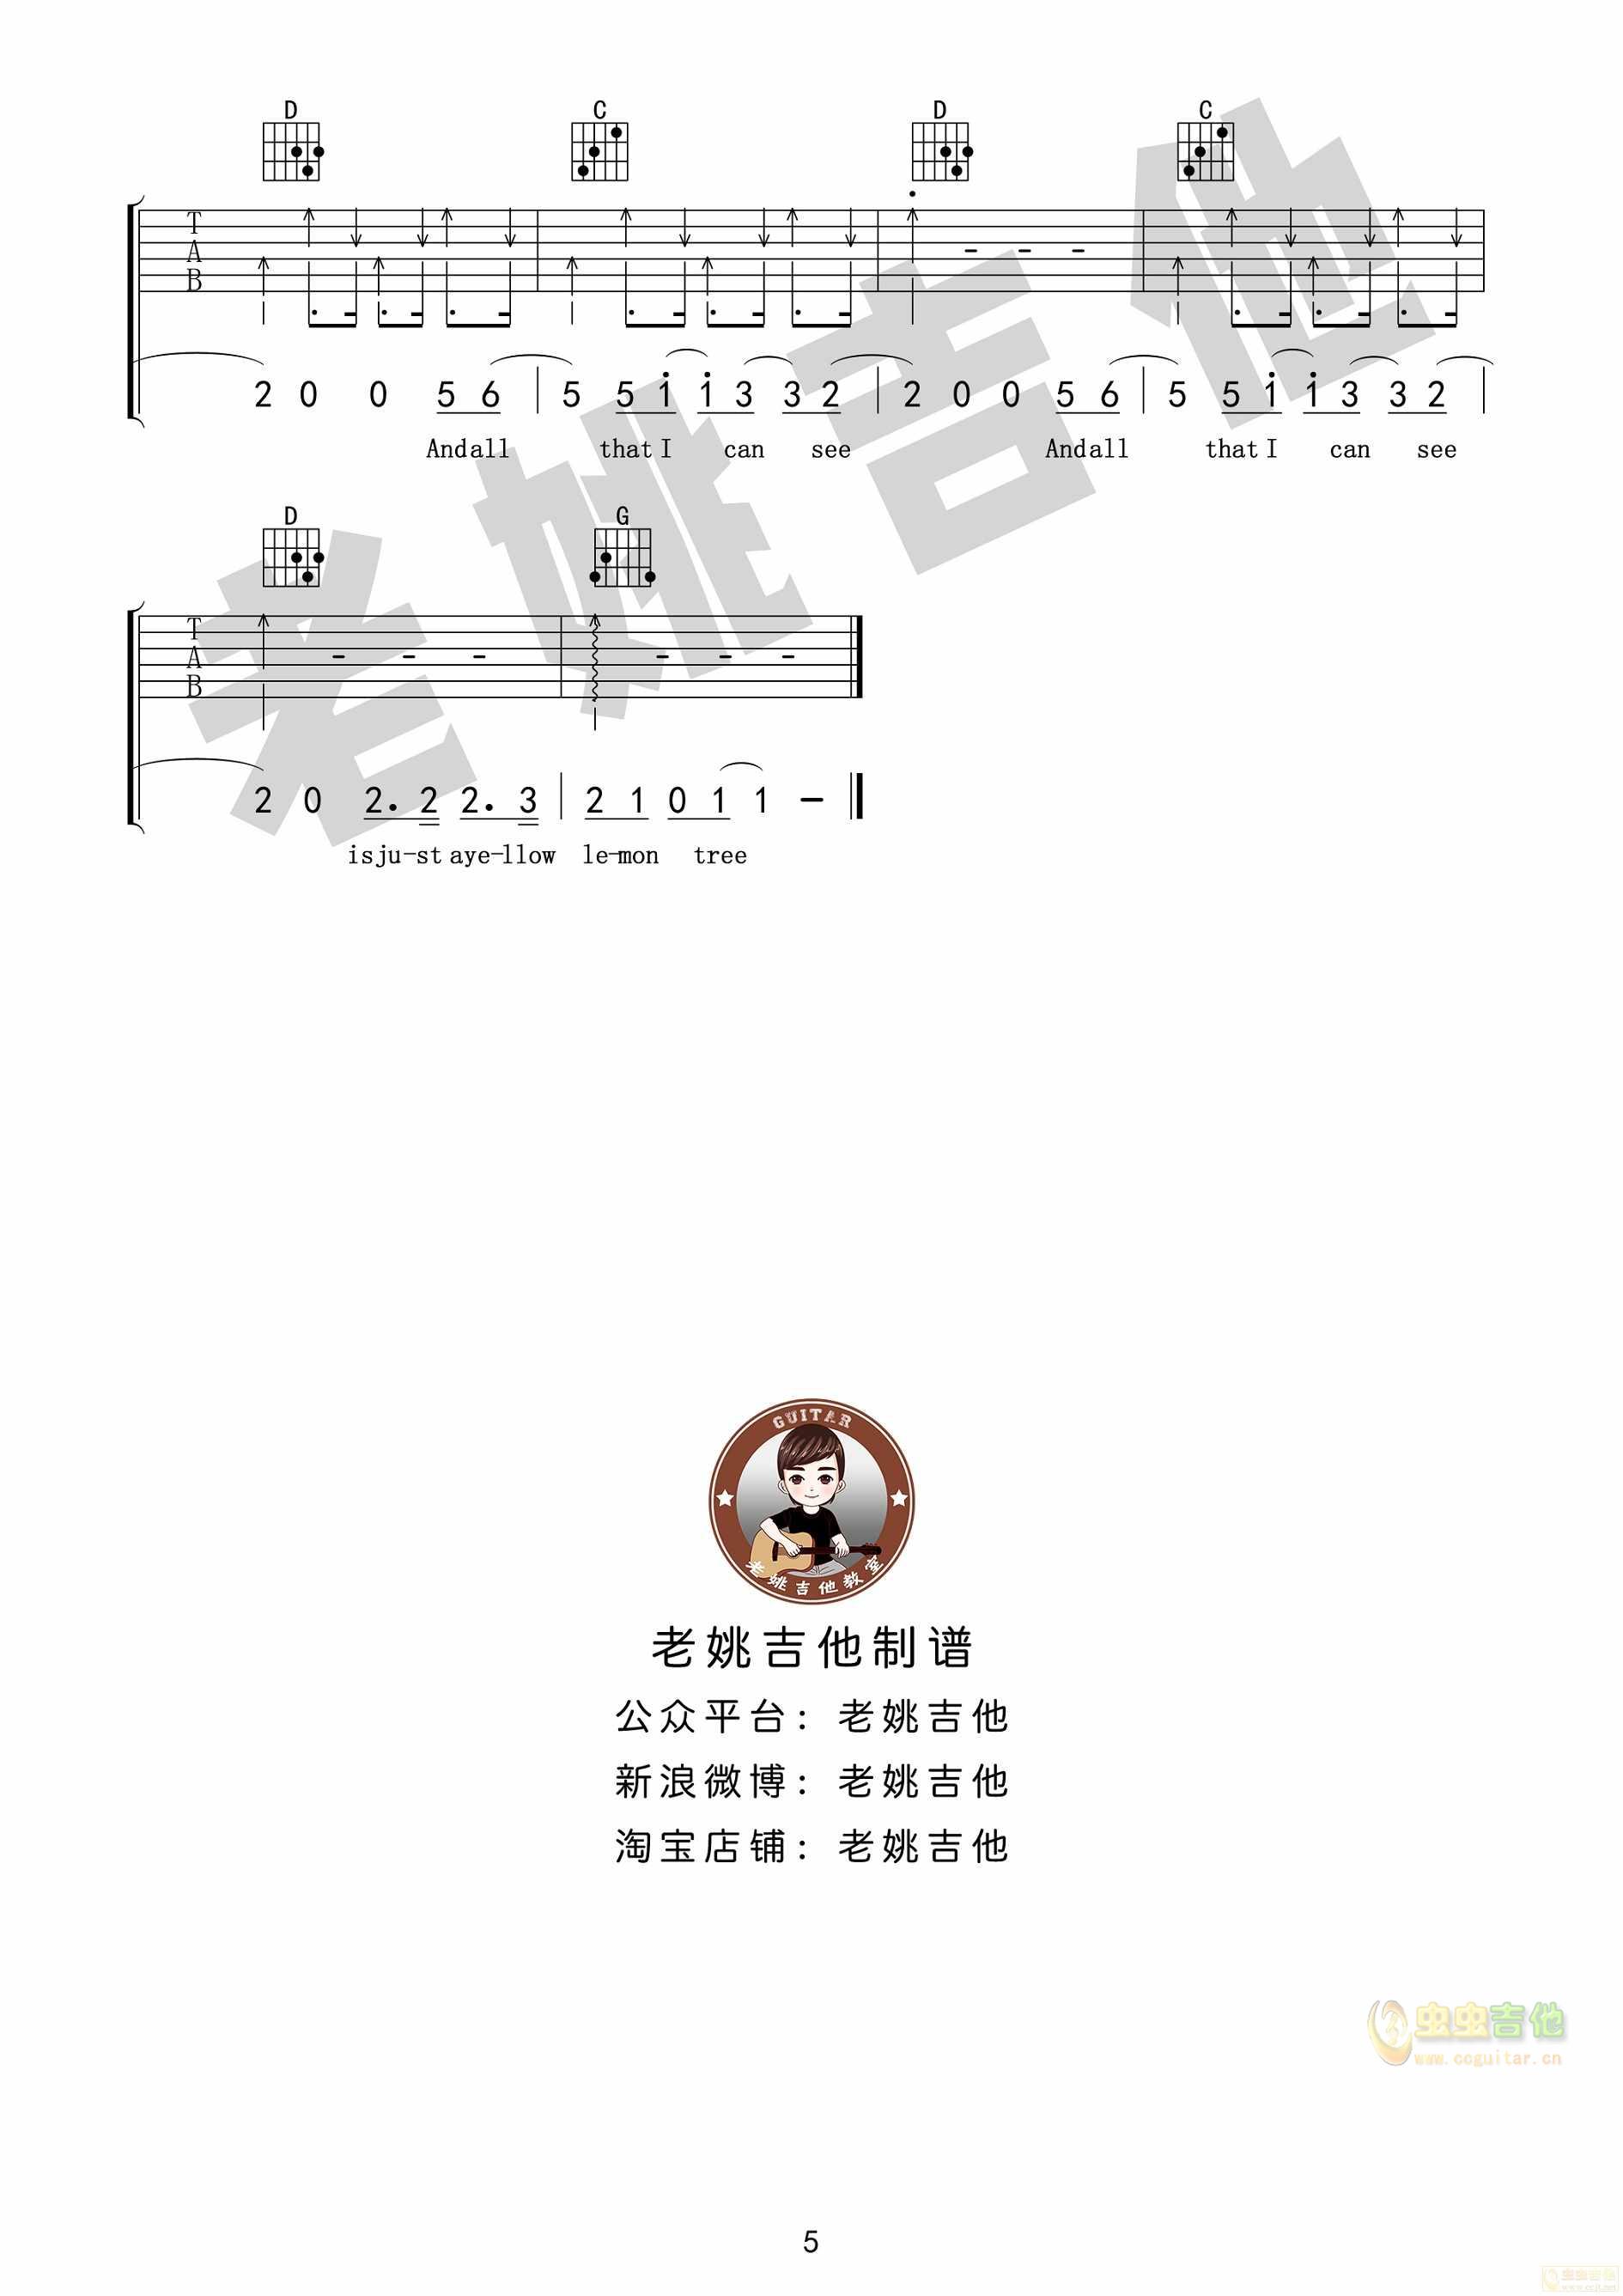 柠檬树 苏慧伦 下载_柠檬树《Lemon Tree》+视频教学[老姚吉他]G调和弦TXT吉他谱-虫虫 ...